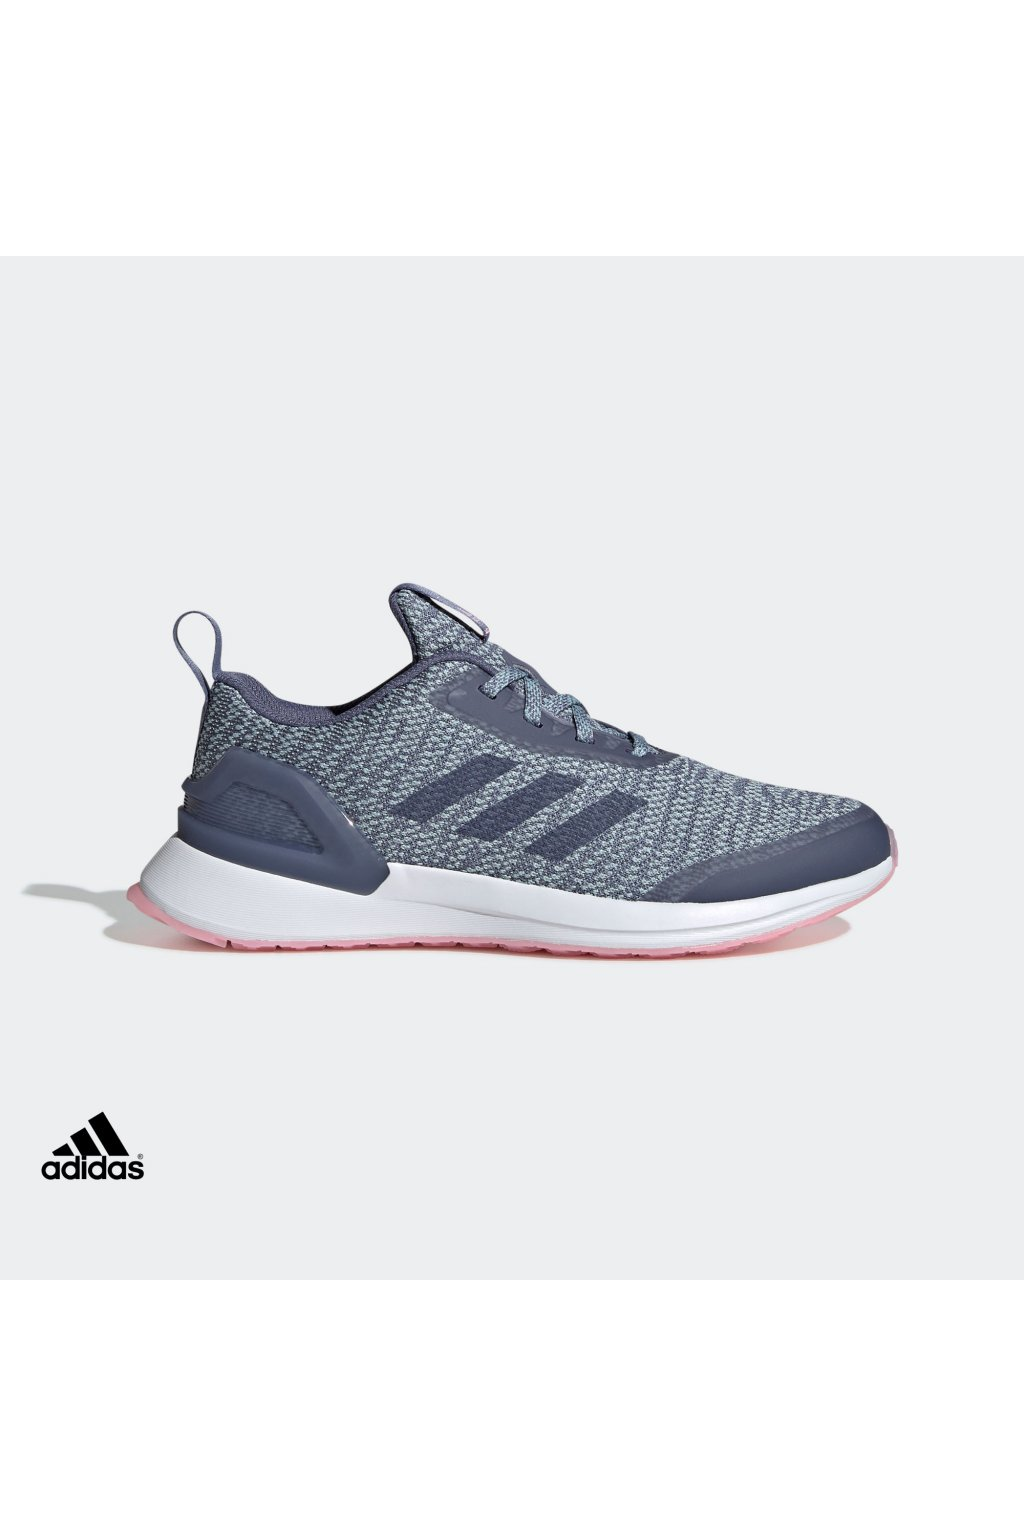 a8fcf80587409 adidas detská obuv - www.agilesport.sk